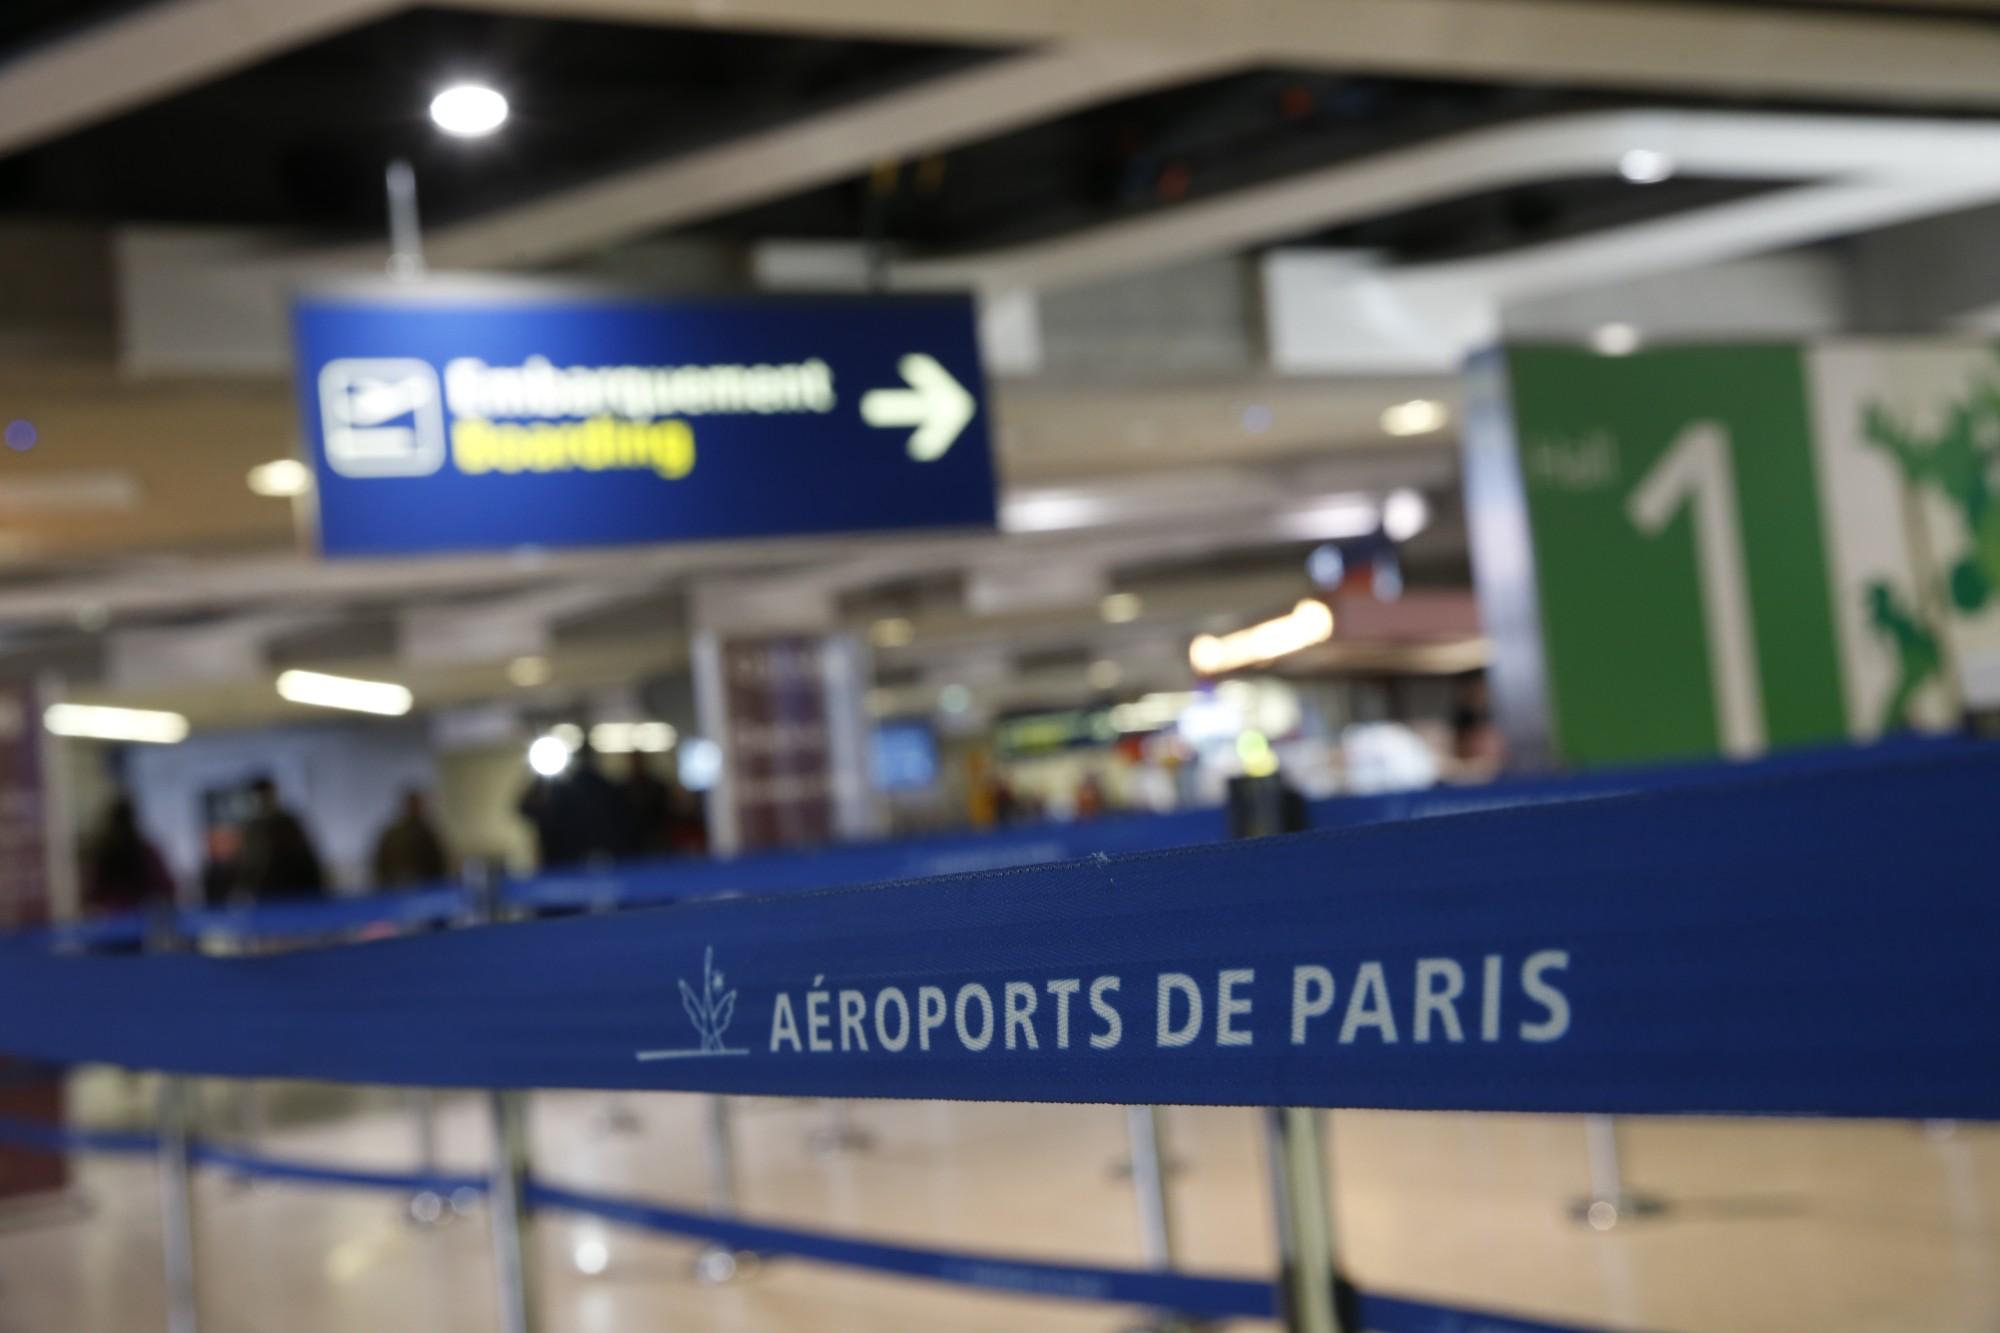 Tribune de 103 députés Les Républicains – Contre le projet de privatisation d'Aéroports de Paris